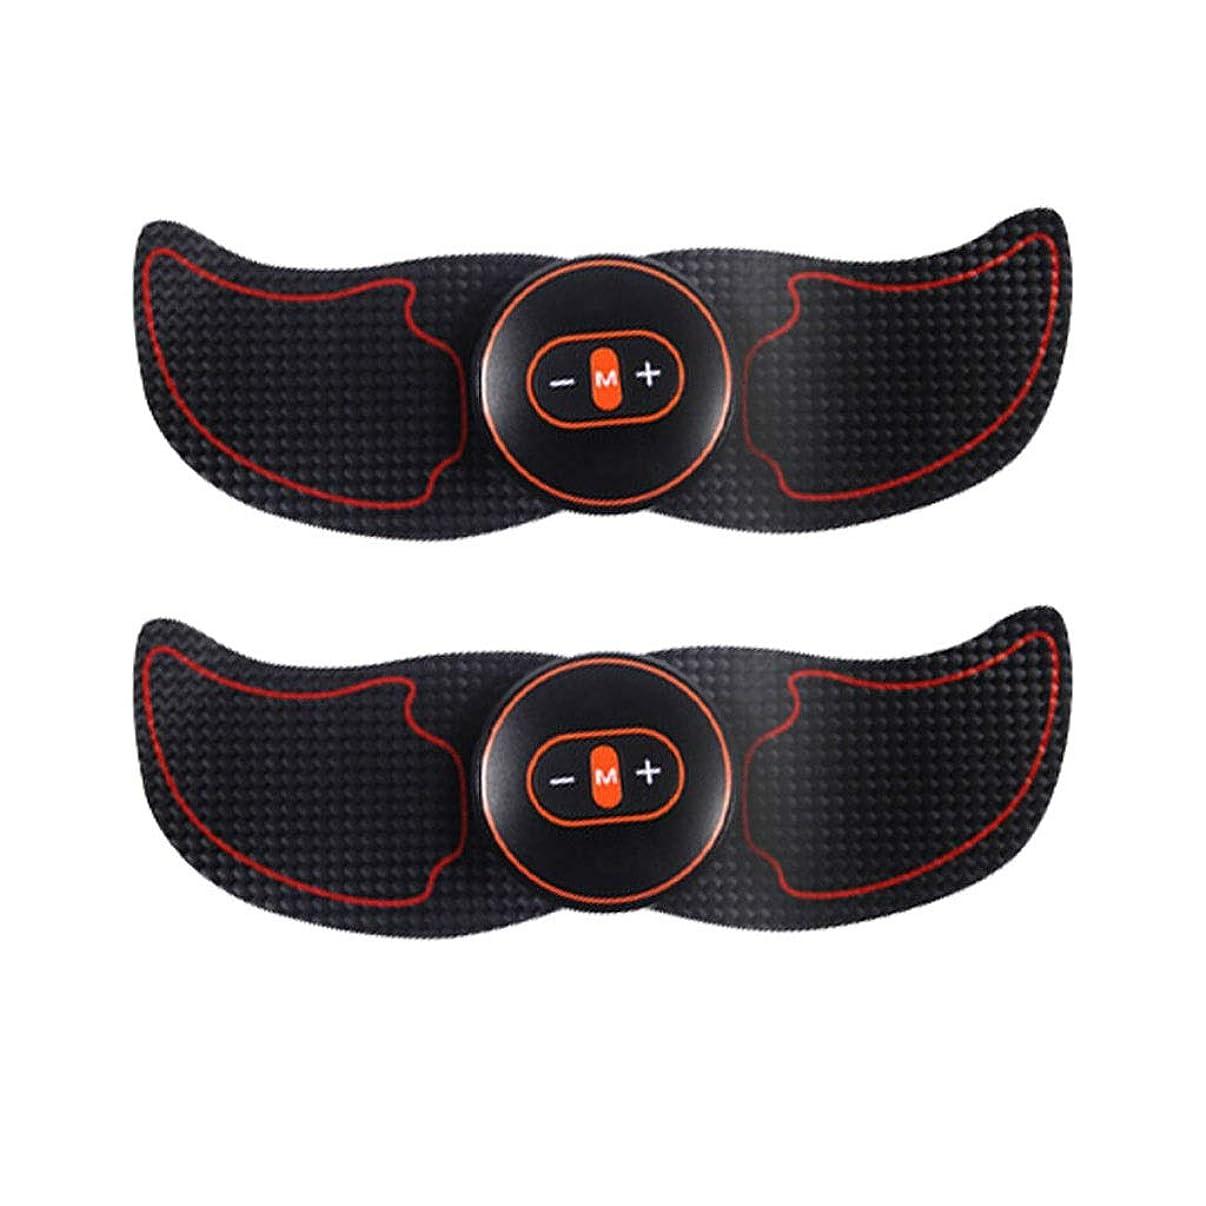 EMSマッスルスティミュレーター、腹部調色ベルトUSB充電、マッスルトナー(男性と女性用)腹部レッグアームスポーツフィットネス用男性と女性 (Size : C)